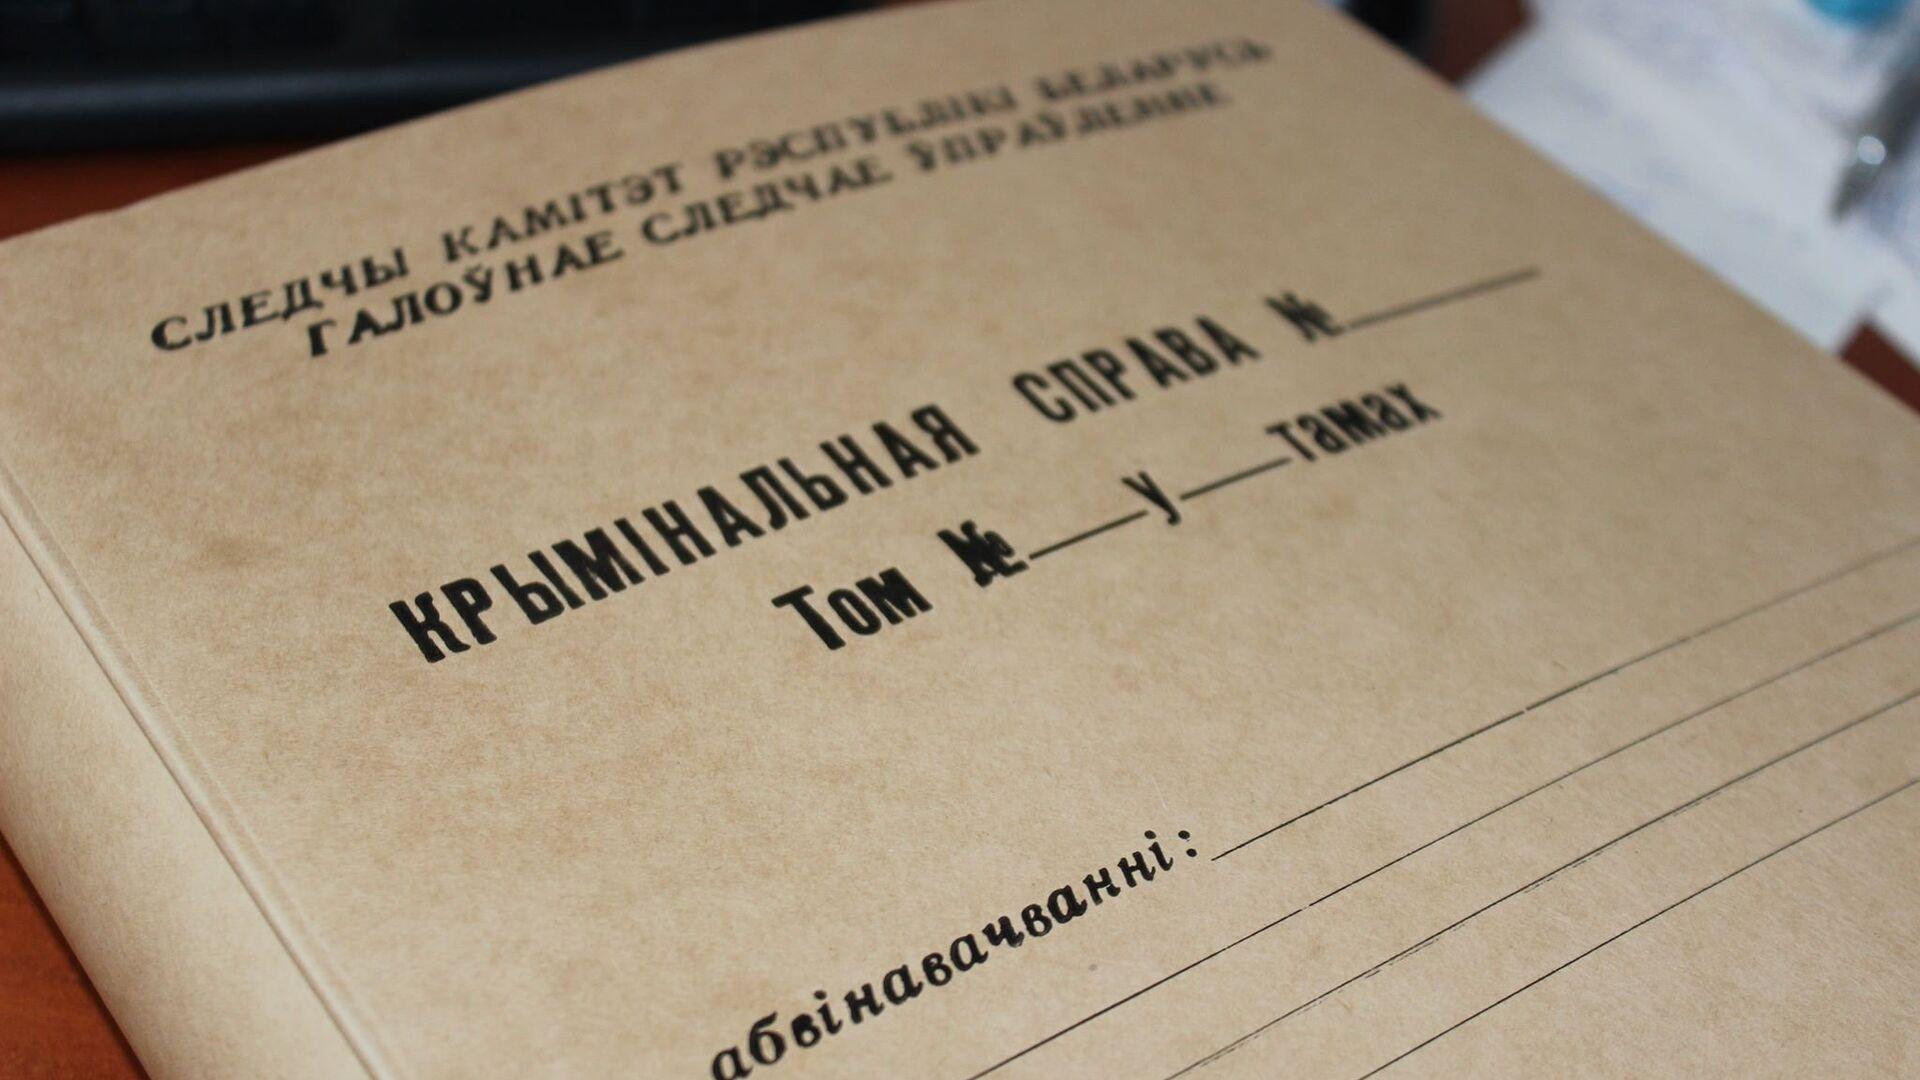 Папка для материалов уголовного дела - Sputnik Беларусь, 1920, 20.06.2021